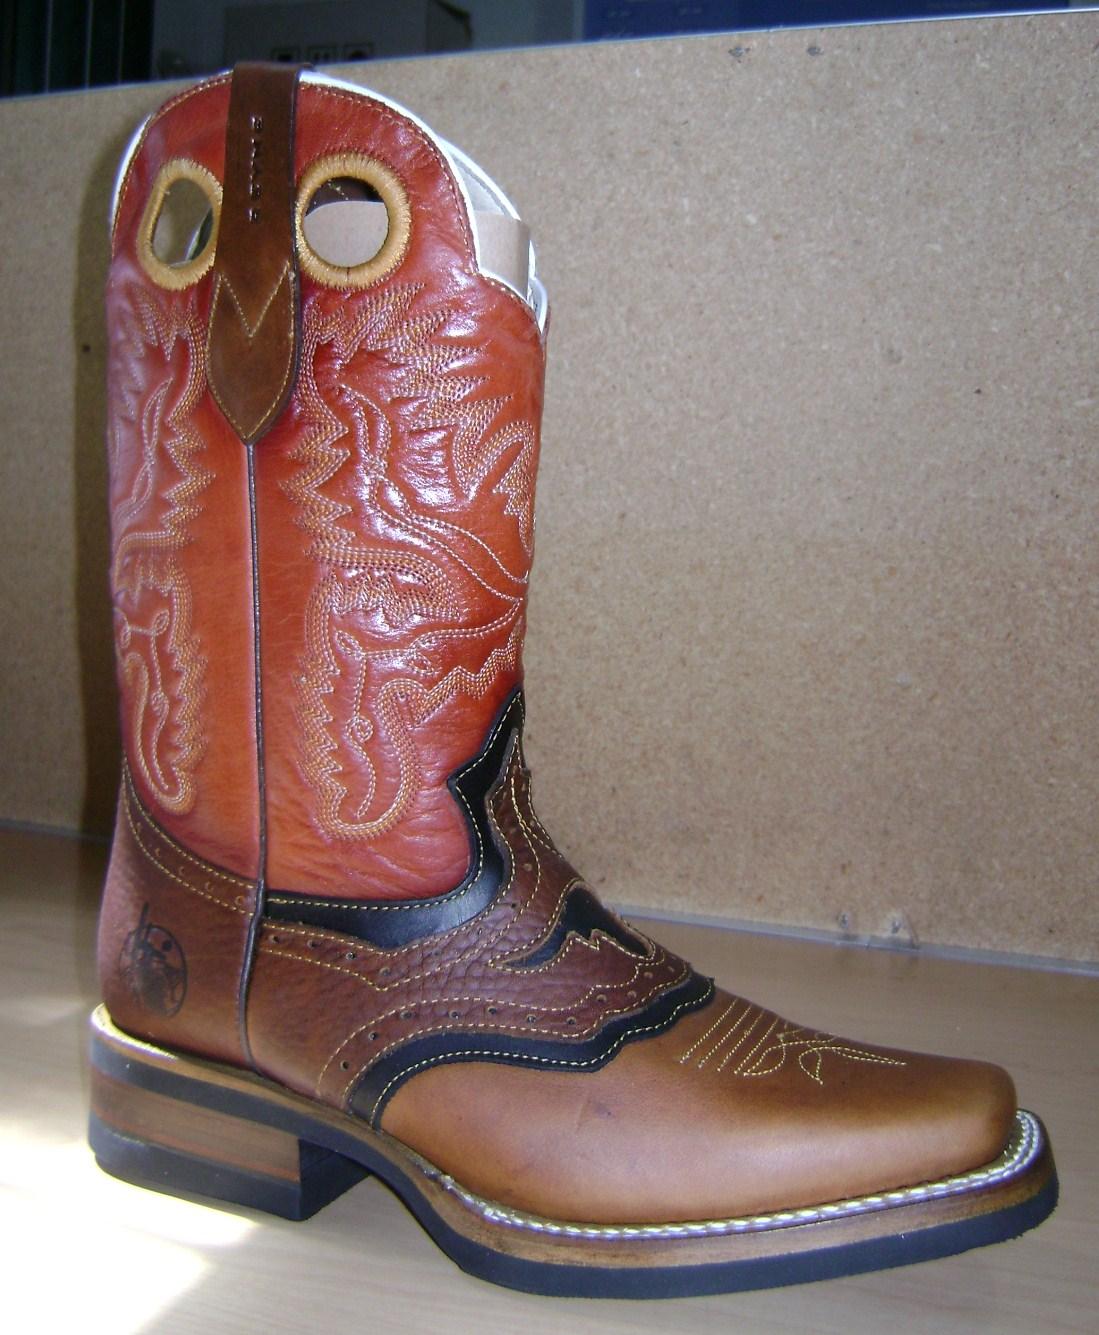 d5dca9493d botas texanas rodeo